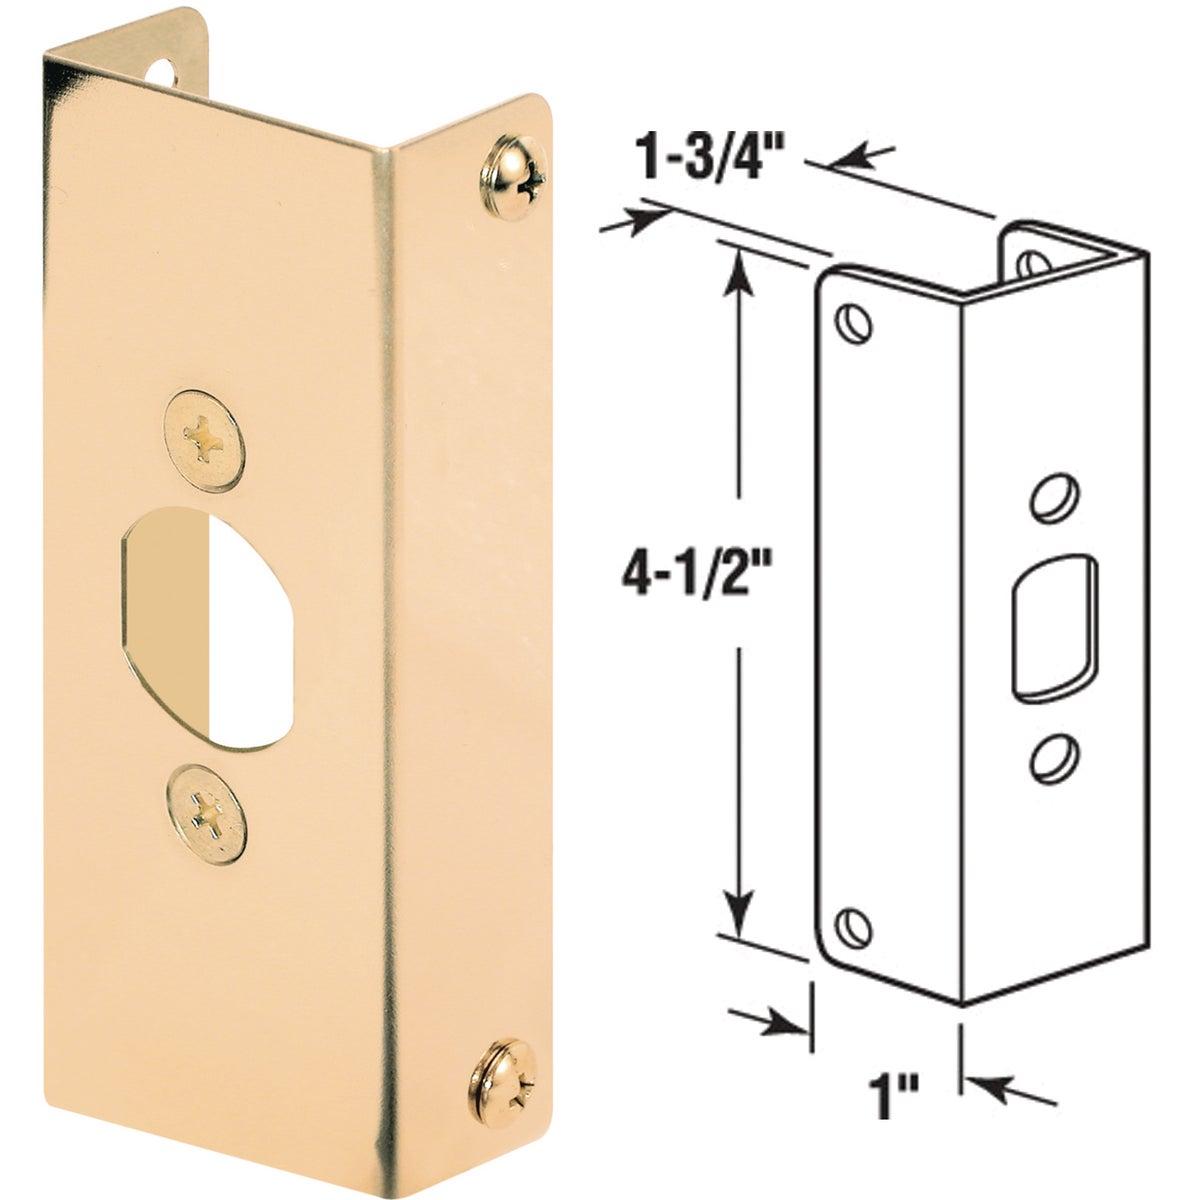 Defender Security 1-3/4 In. Door Reinforcement